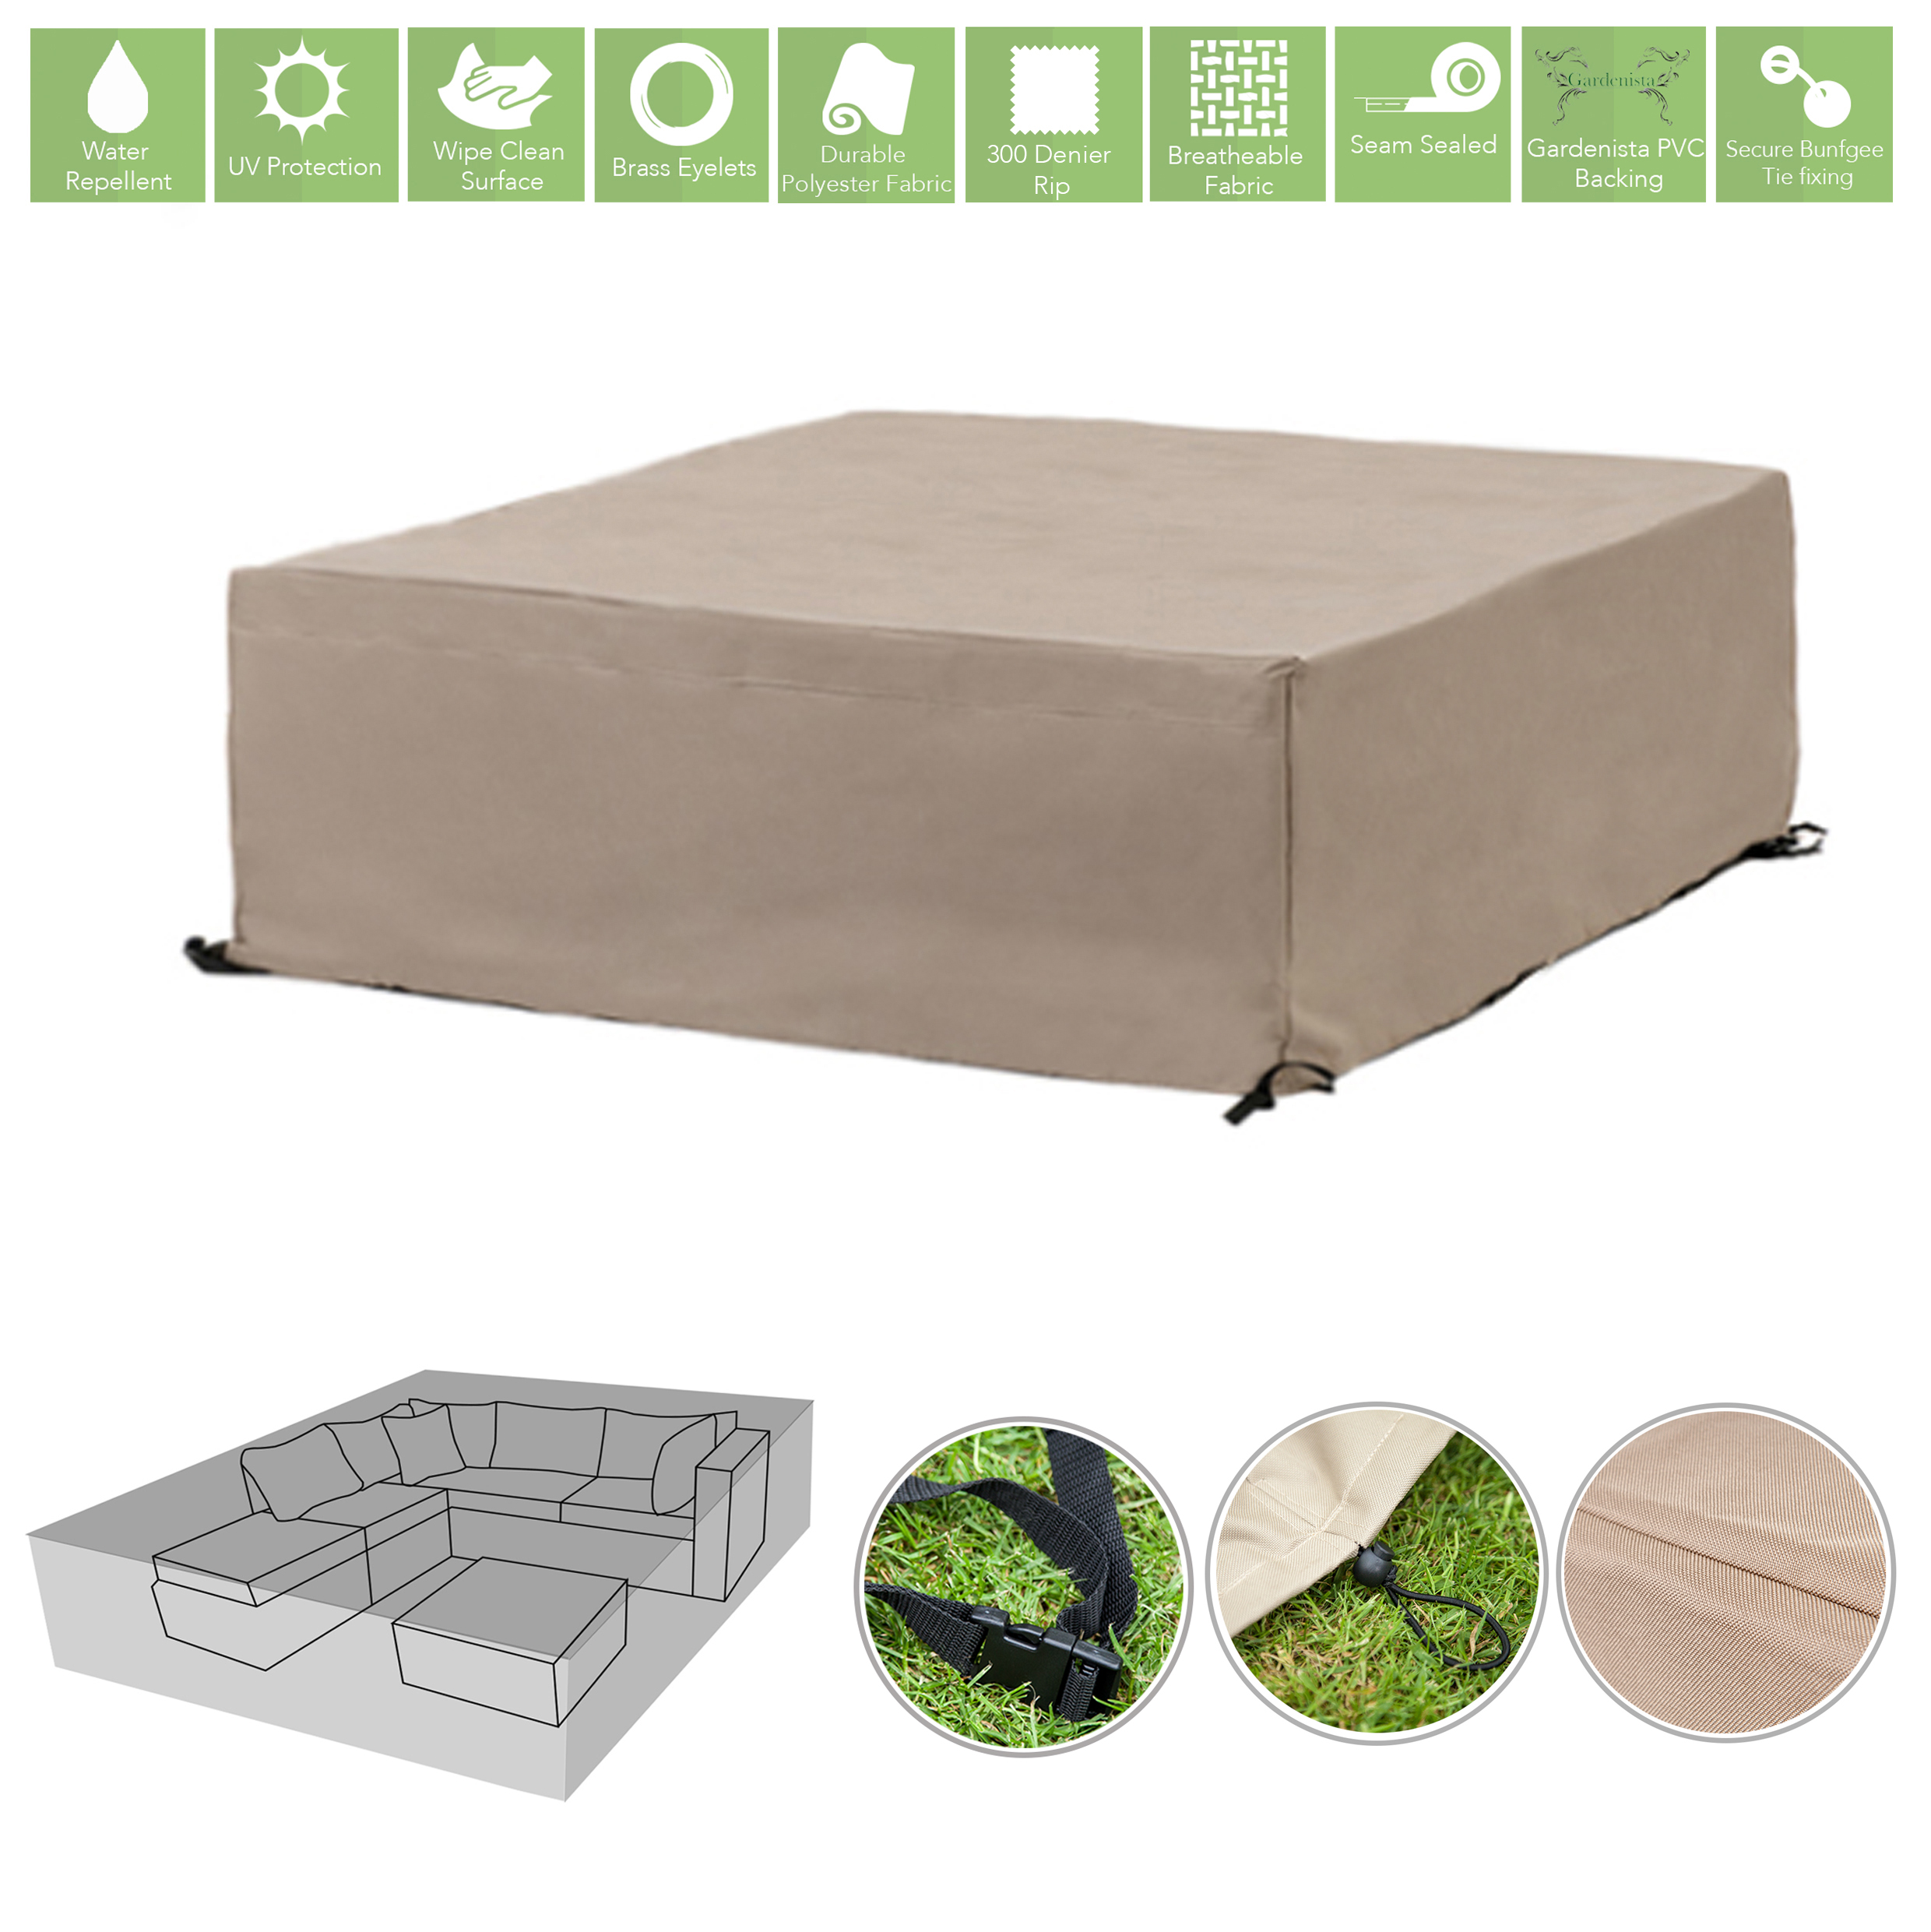 Gardenista garden patio furniture covers waterproof heavy for Waterproof covers for outdoor furniture uk